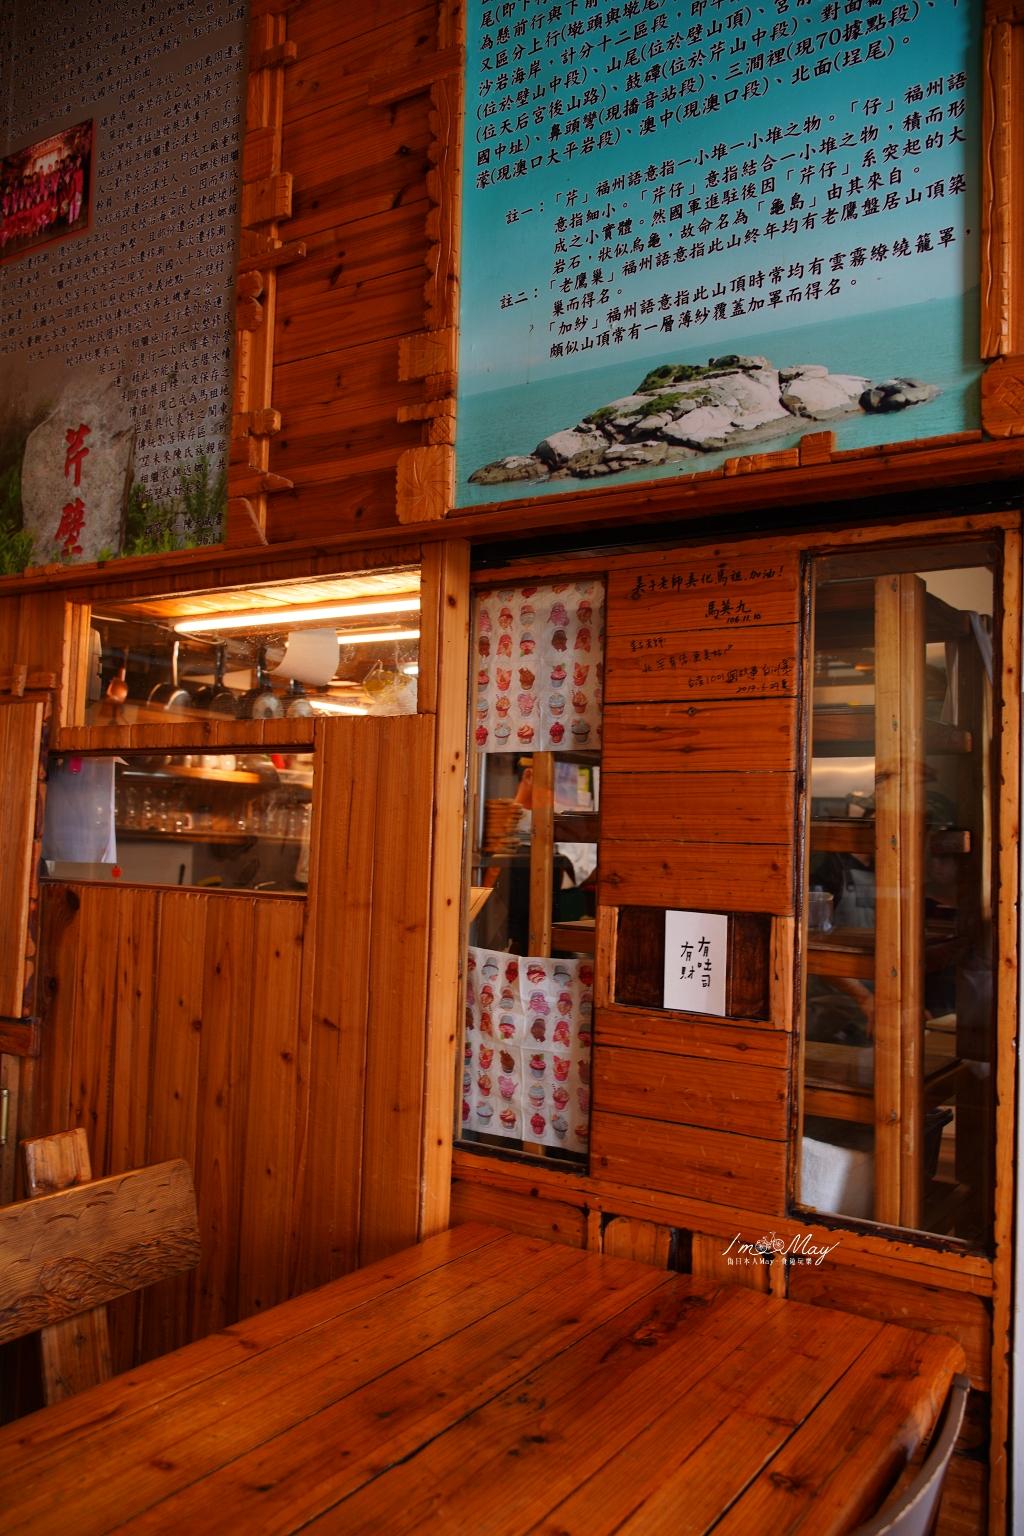 馬祖、北竿 | 芹壁村裡的飄香陣陣的現烤麵包、加入在地飲食文化的手工創意Pizza「芹沃咖啡烘焙館 Qinwo Bakery」| 海景咖啡館、芹壁美食 @偽日本人May.食遊玩樂